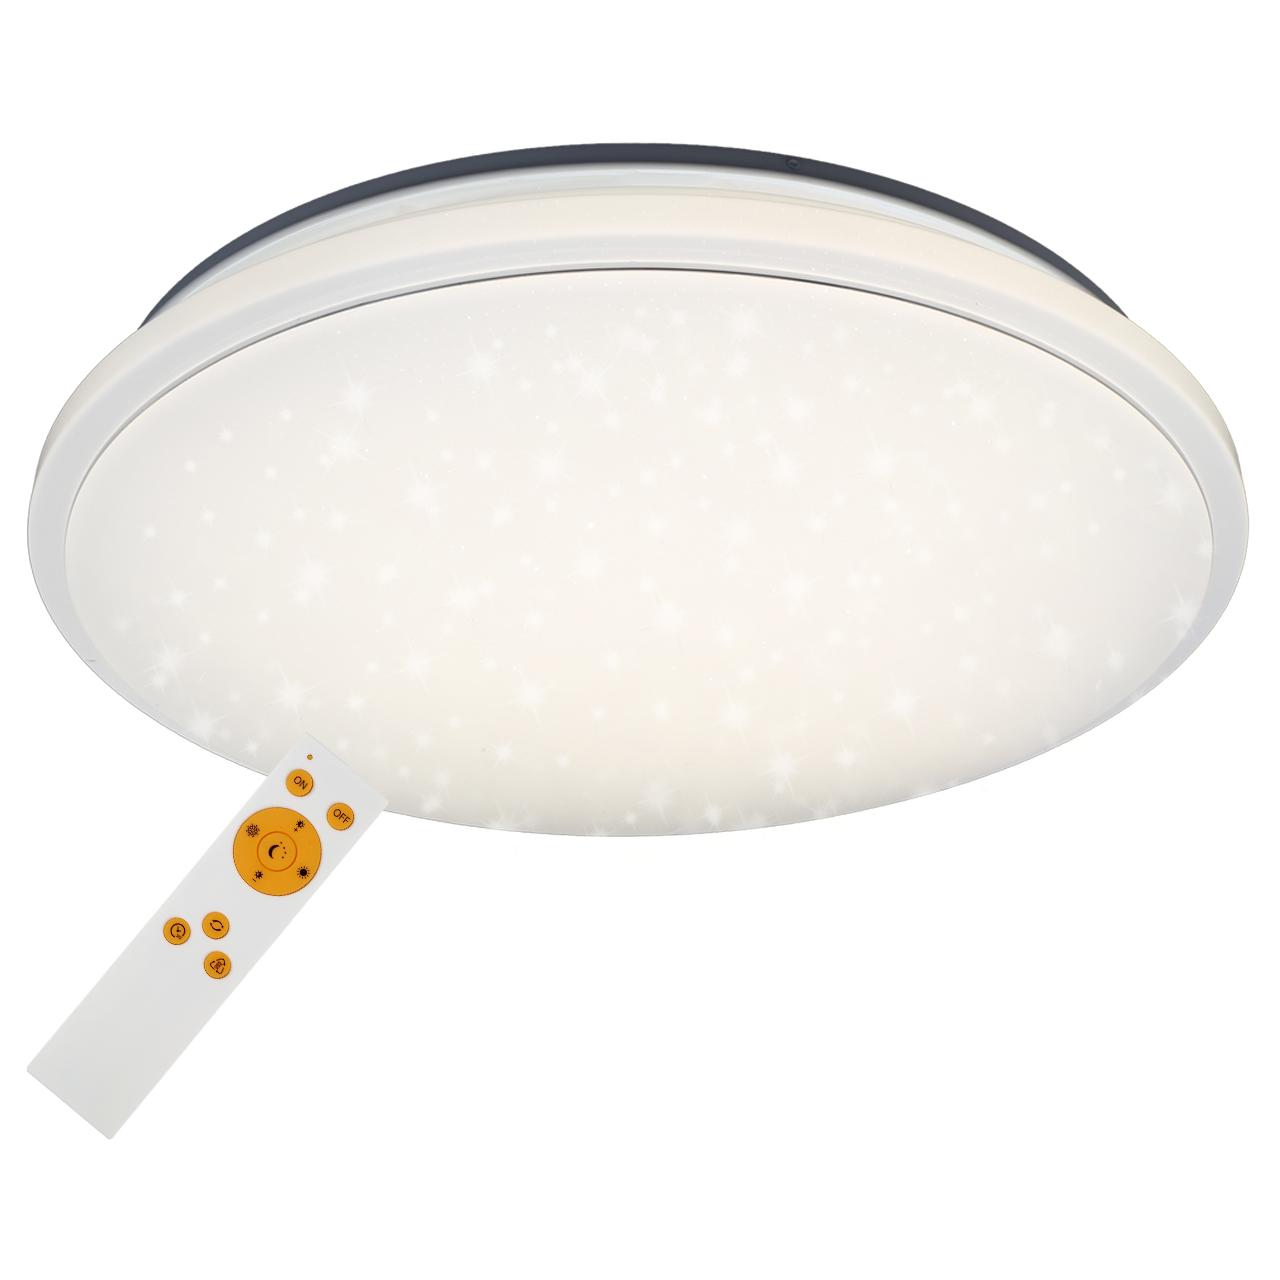 STERNENHIMMEL LED Deckenleuchte, Ø 56,5 cm, 48 W, Weiss